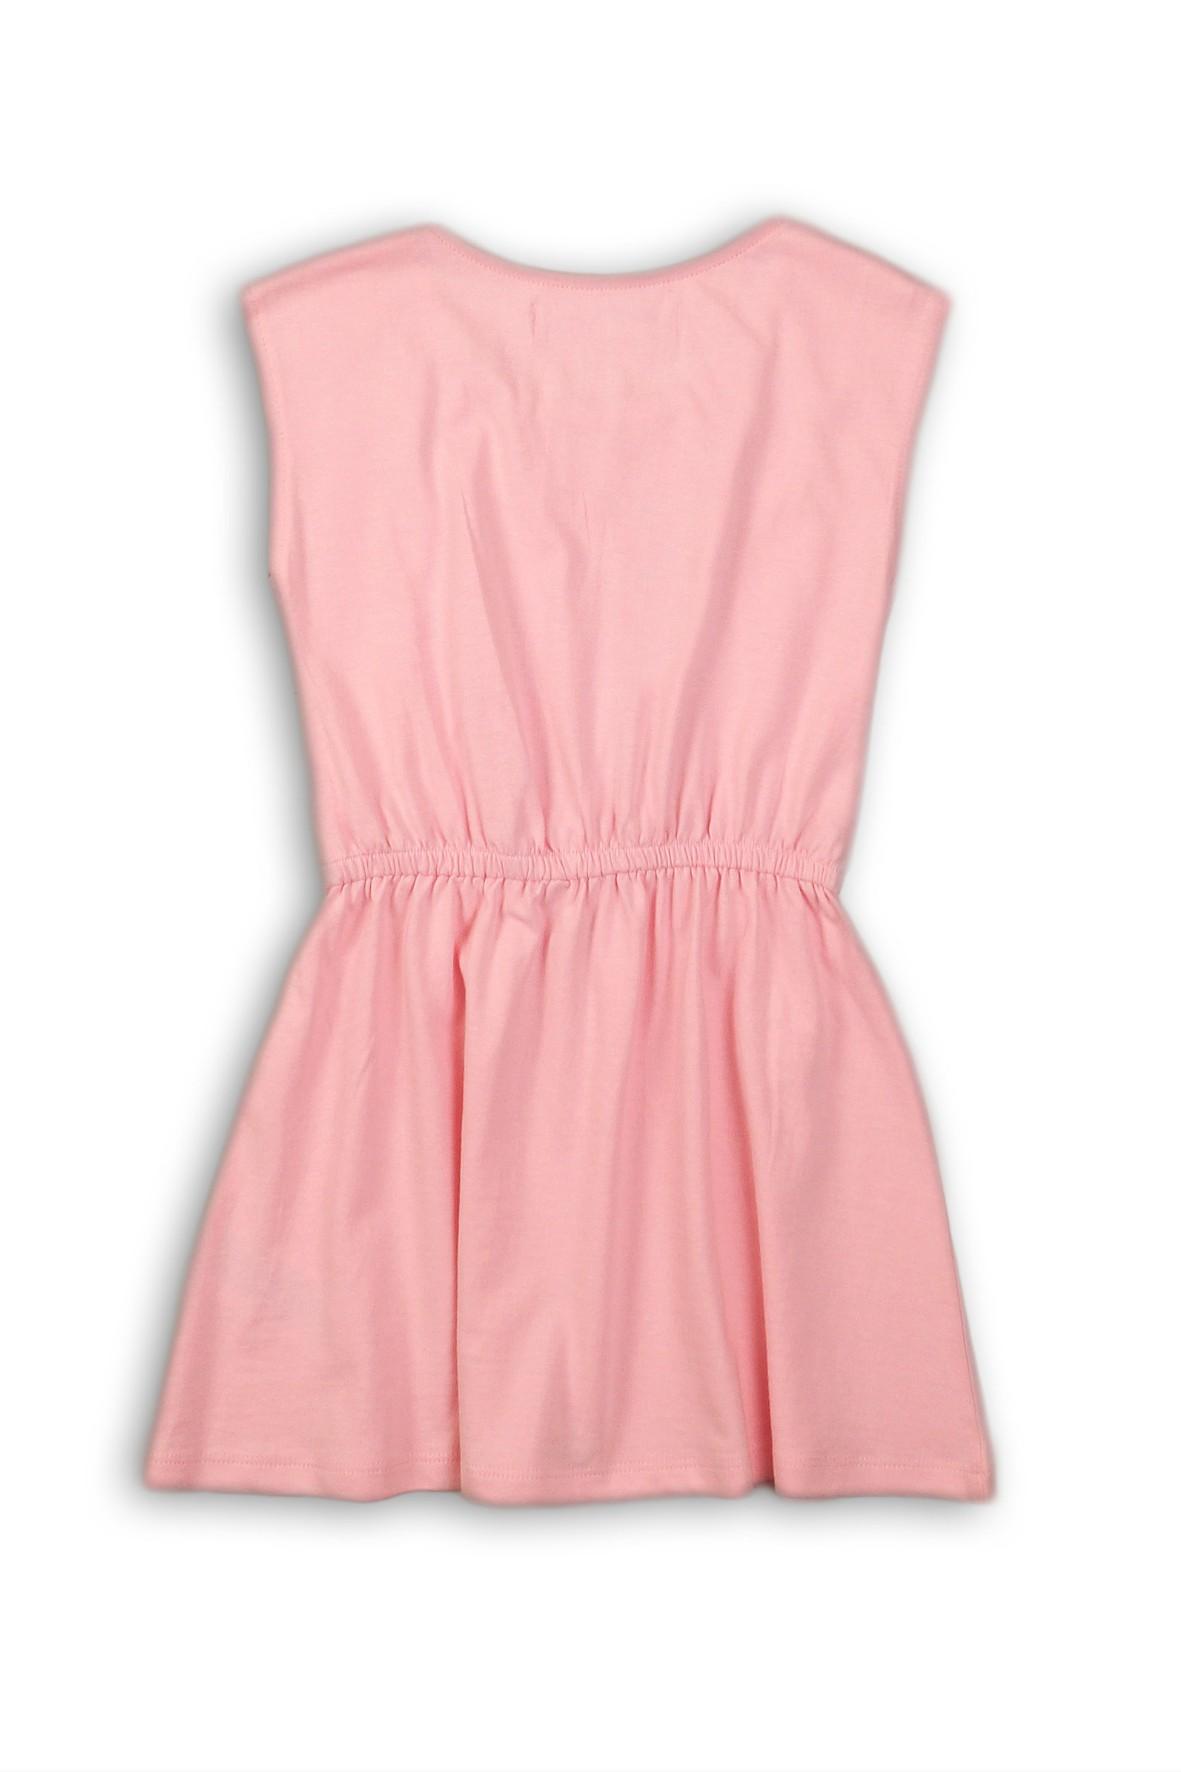 02a3269de4 Różowa sukienka dla niemowlaka wykonana z bawełnianej dzianiny.